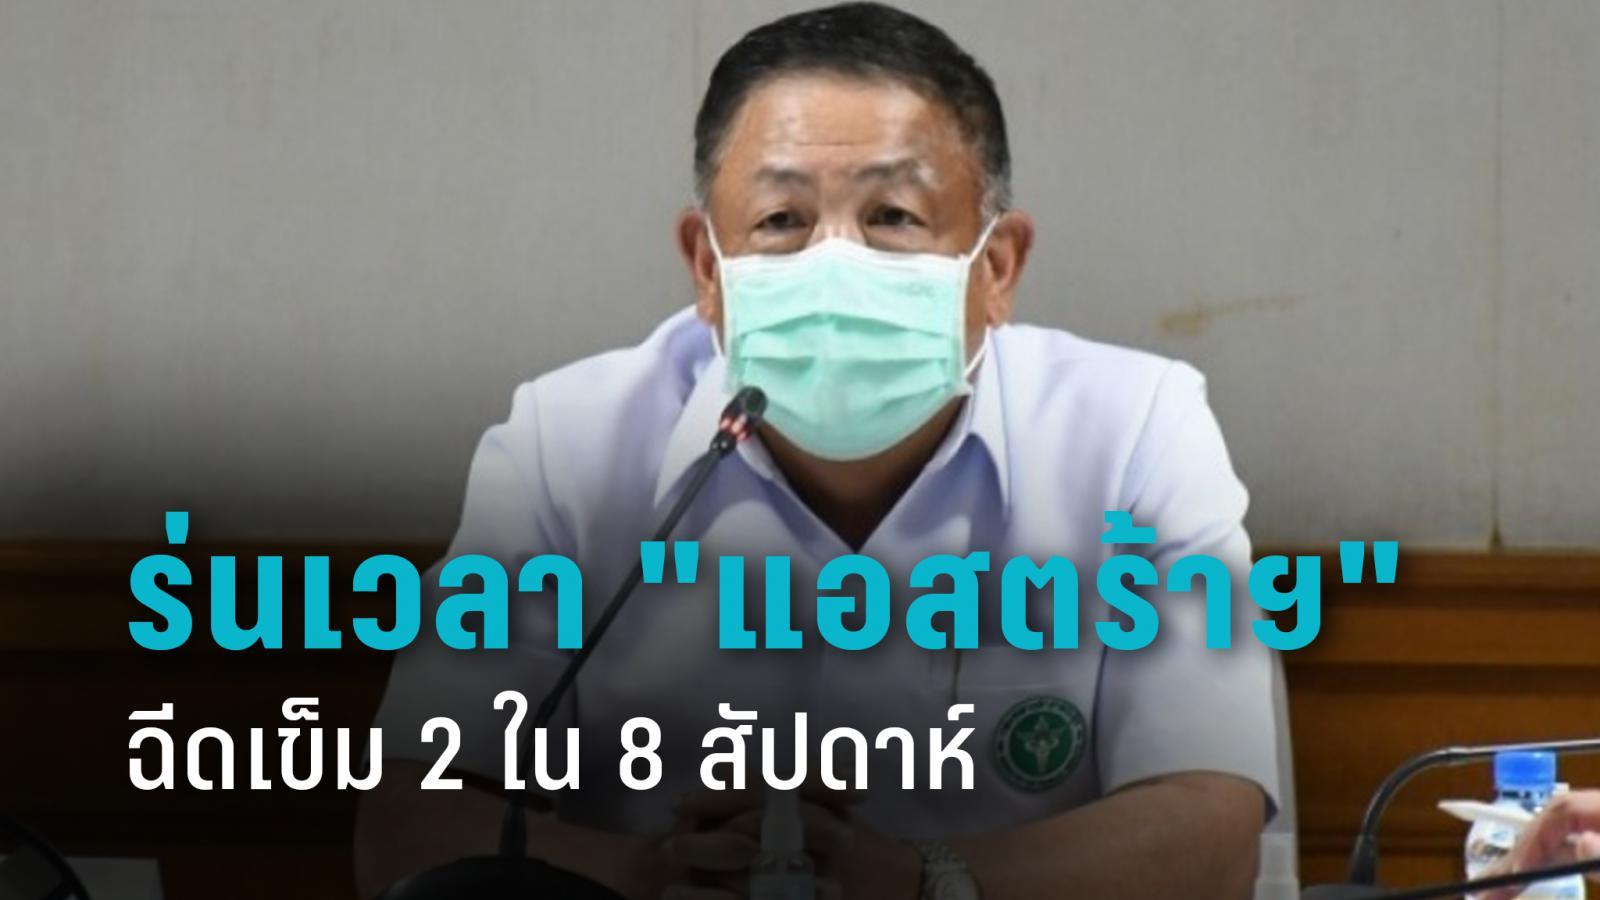 มติ คกก.โรคติดต่อ ฉีดแอสตร้าเซเนก้า เข็ม 2 ใน 8 สัปดาห์ เหตุพันธุ์เดลต้าอินเดีย ระบาดเร็ว